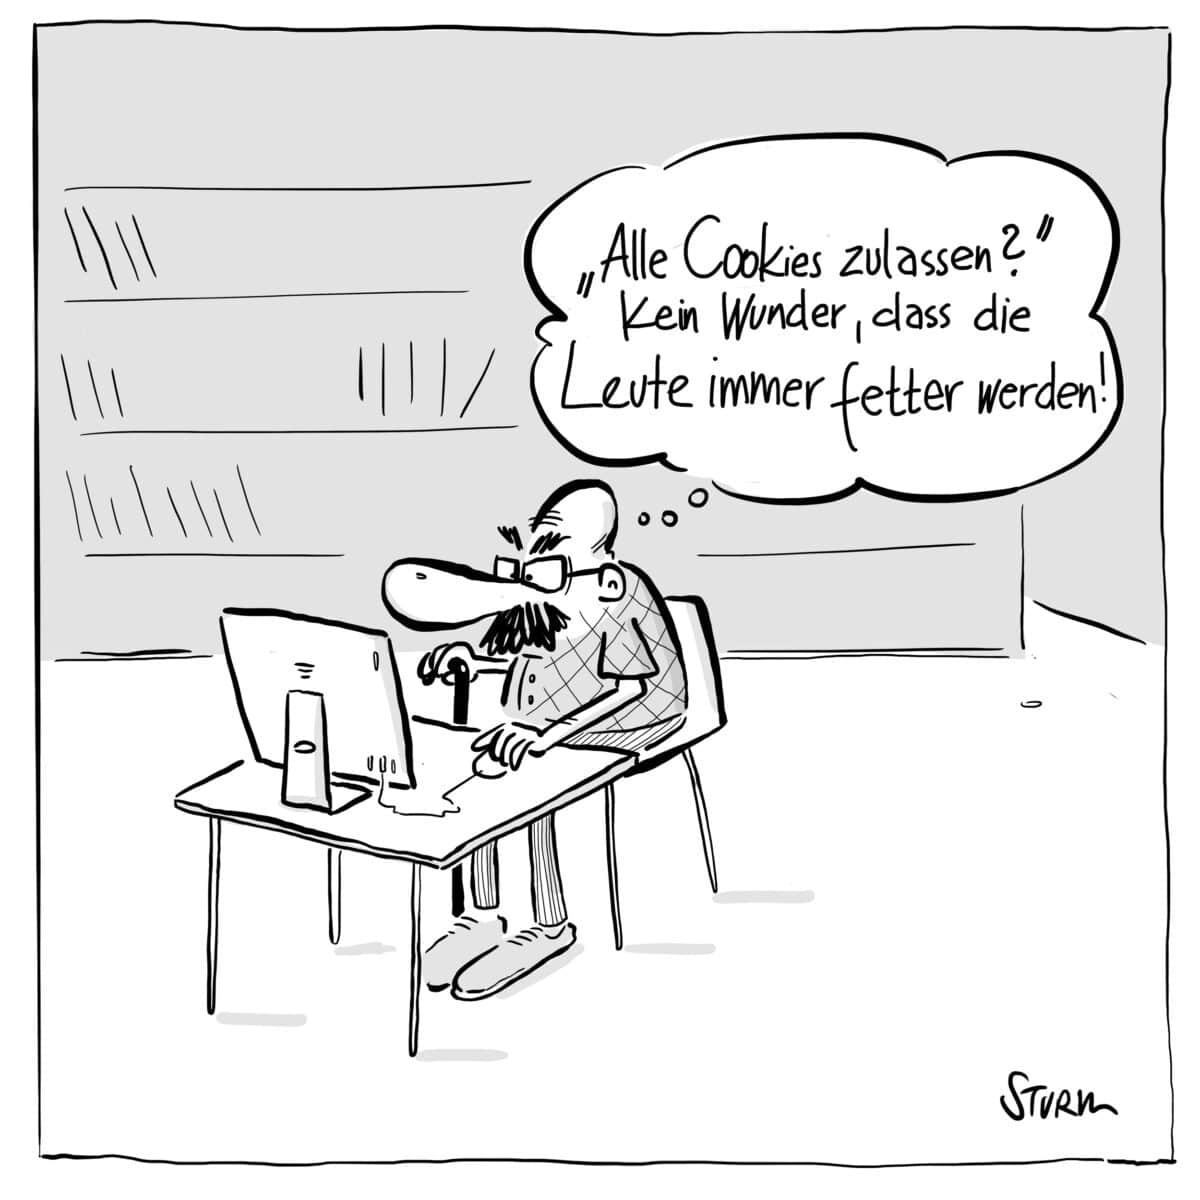 """""""Alle Cookies zulassen? Kein Wunder, dass die Leute immer fetter werden!"""" – Cartoon von Philipp Sturm"""